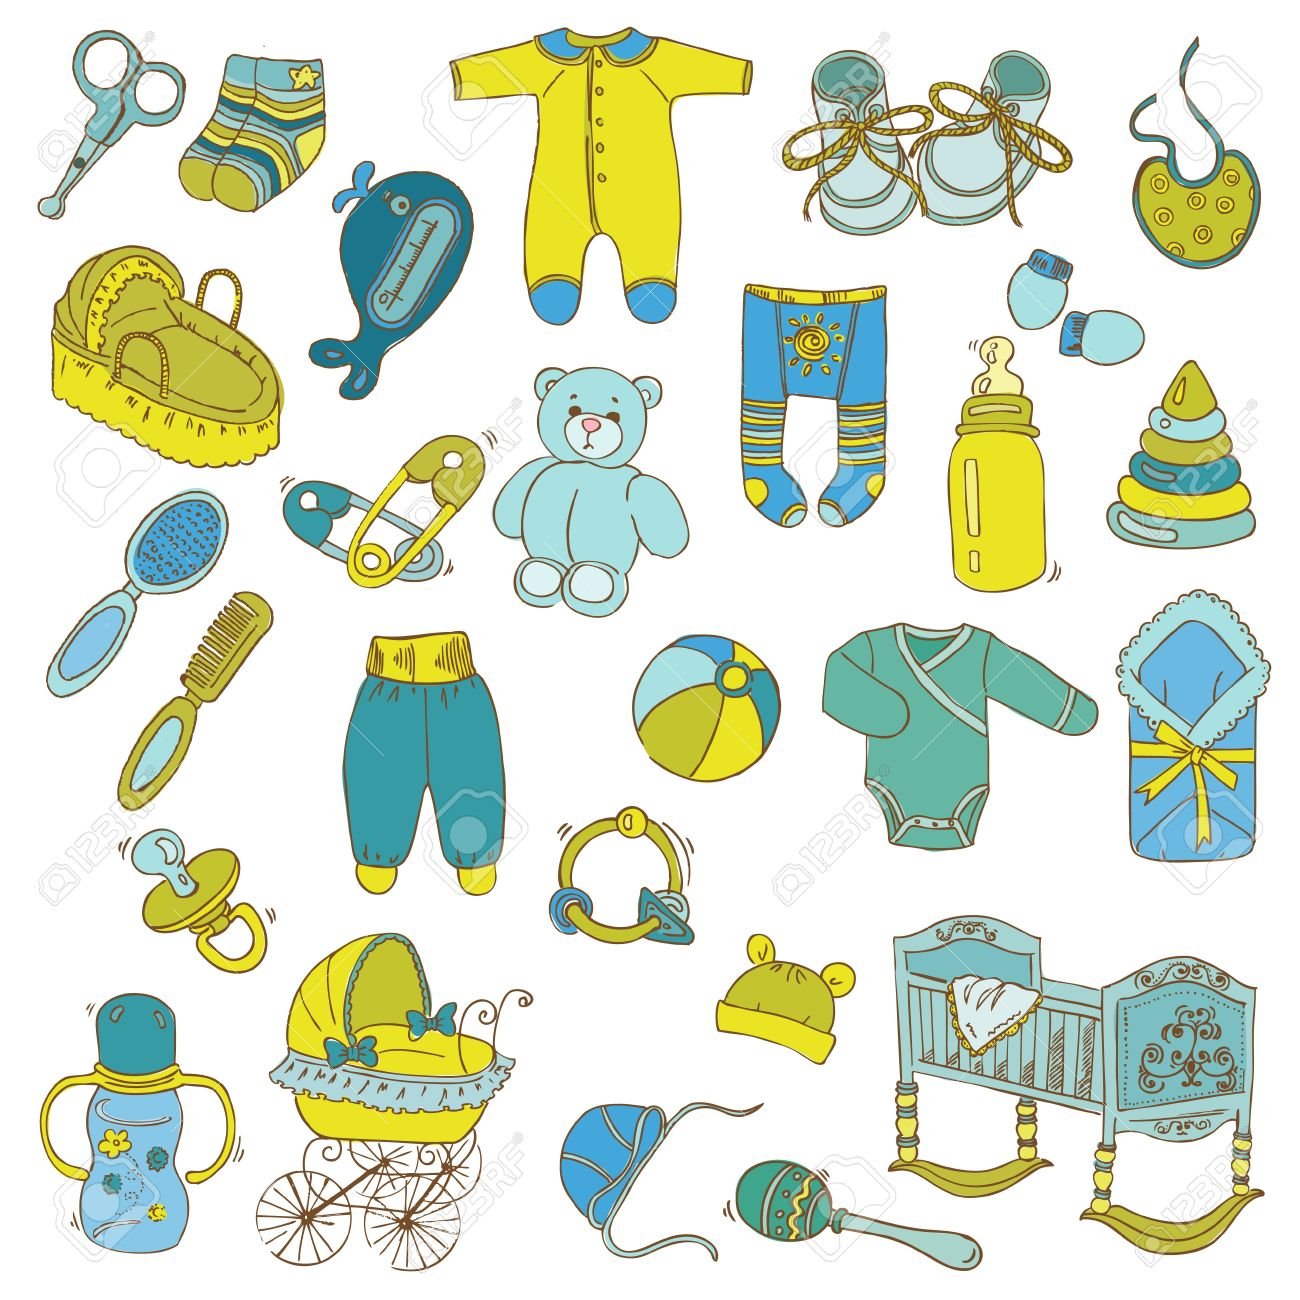 Scrapbook Design Elements - Baby Arrival Set - in vector - 19268712